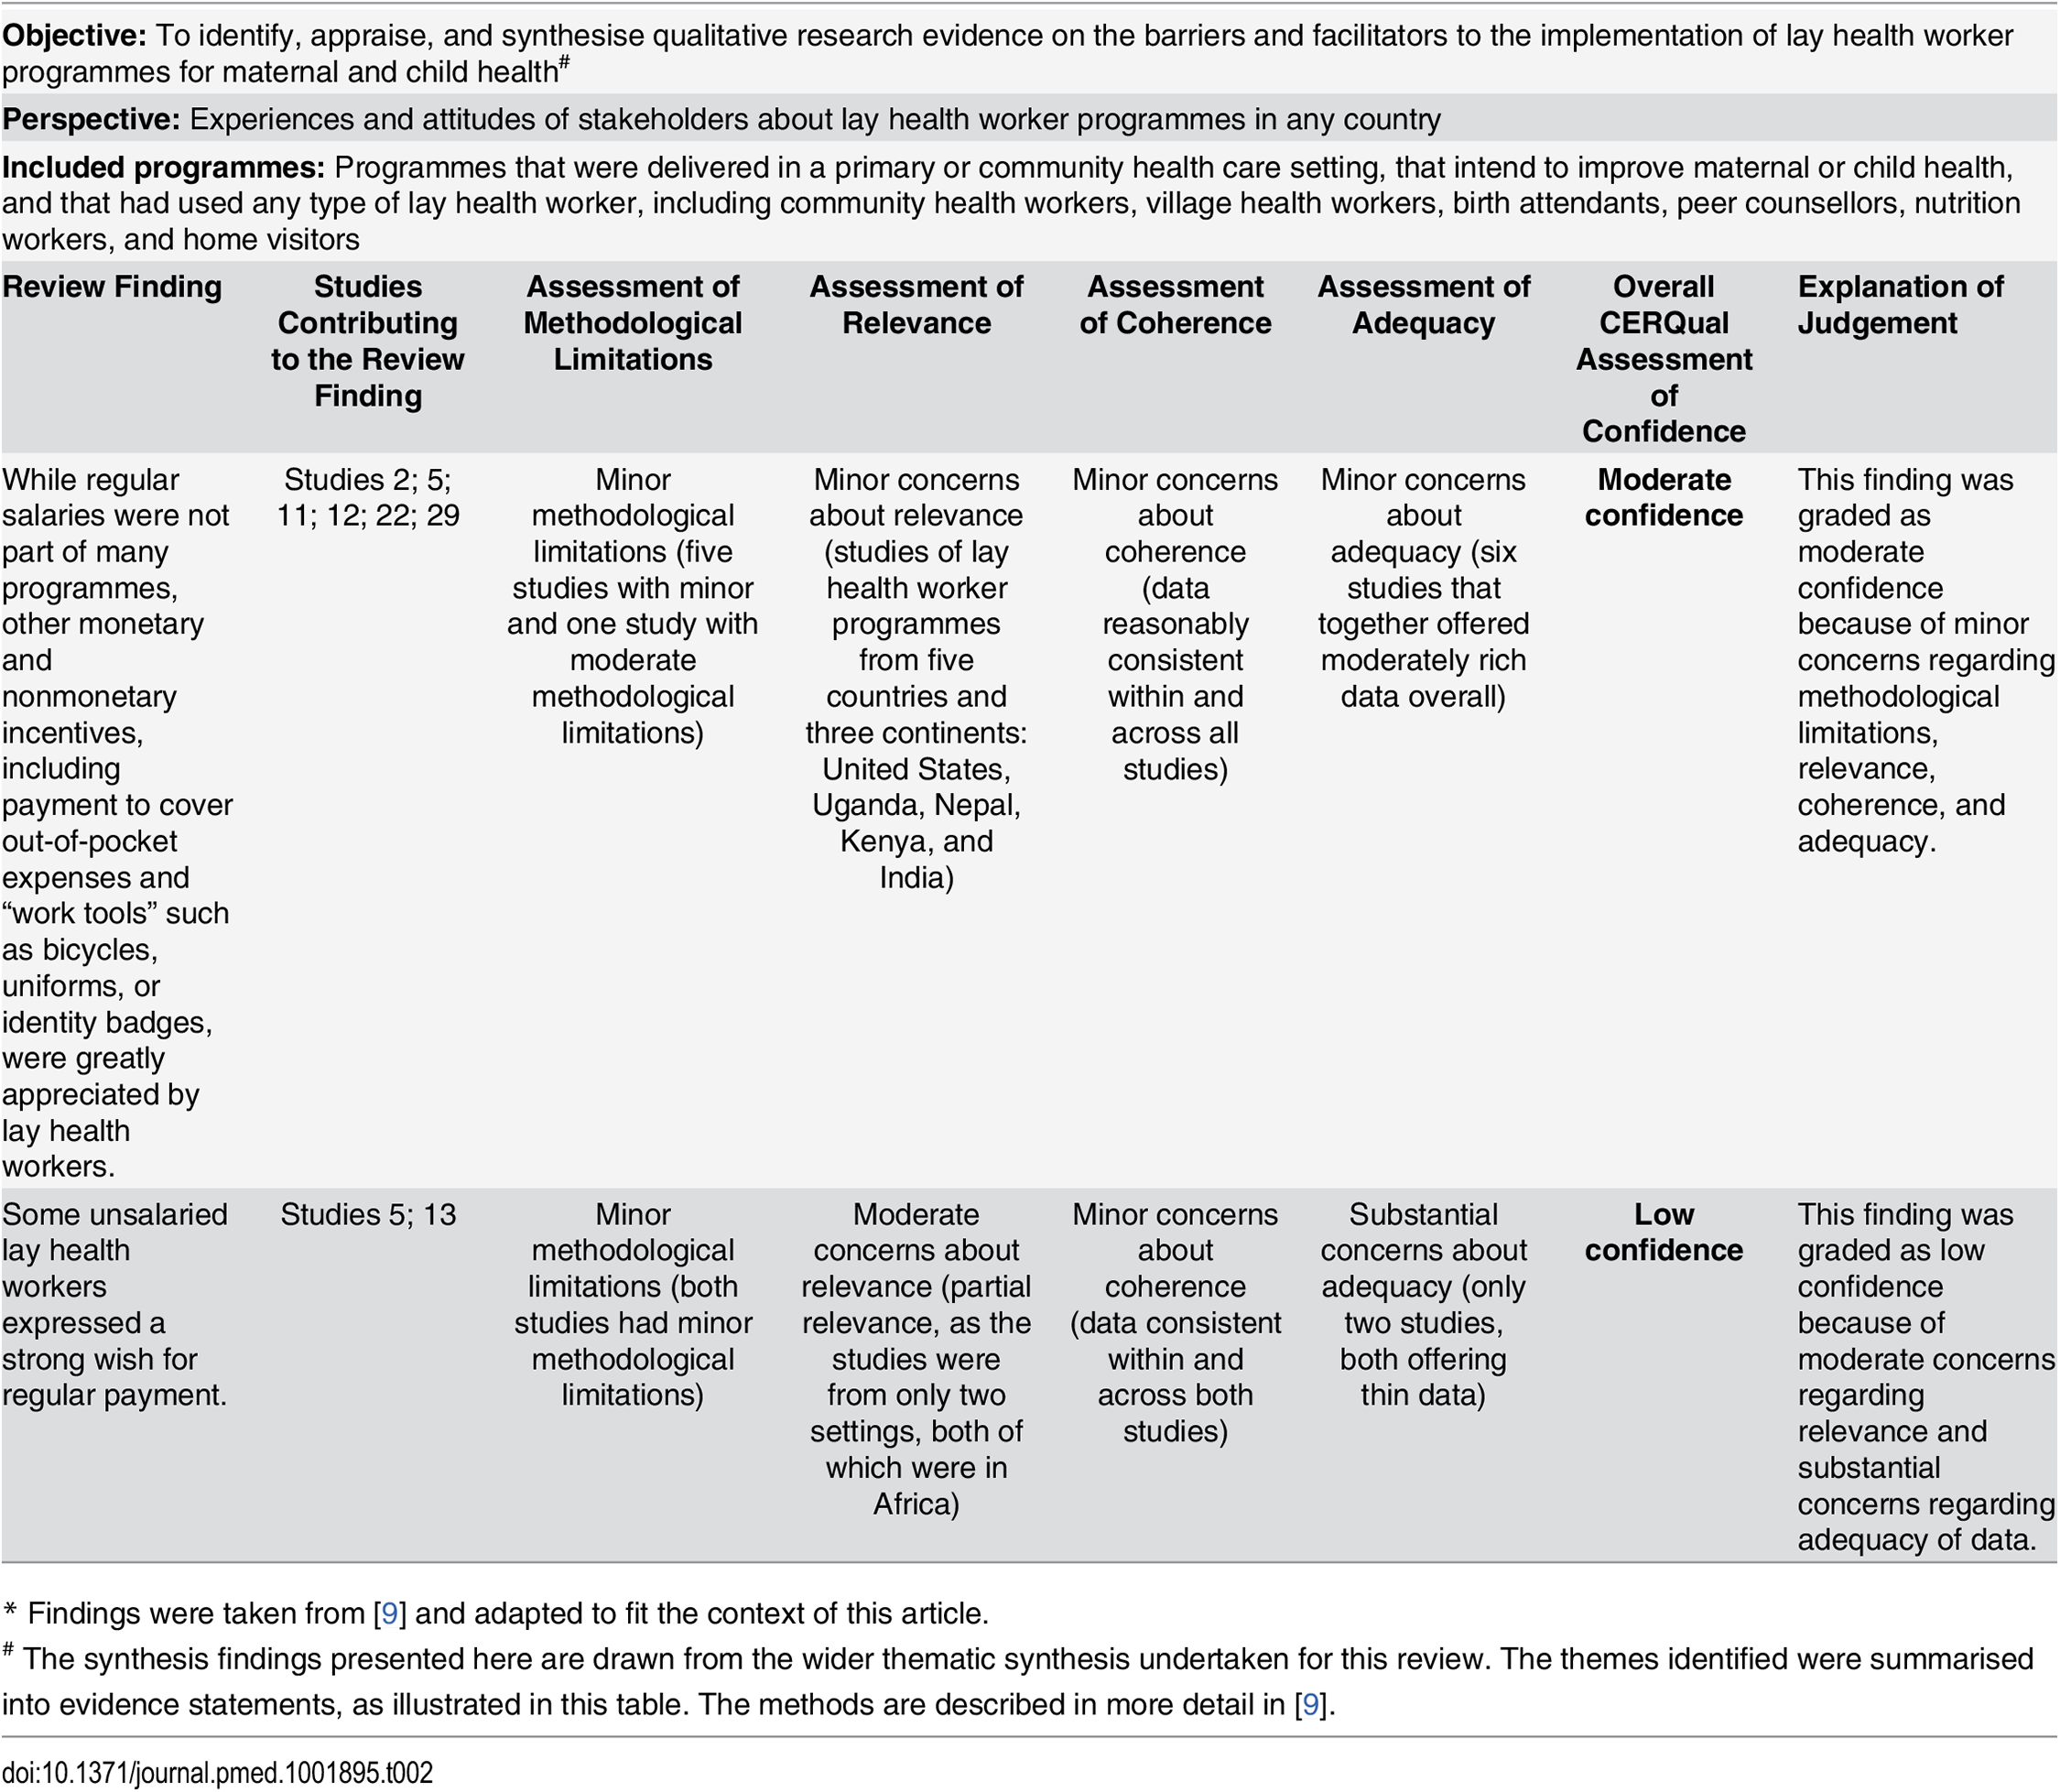 Example of a CERQual Qualitative Evidence Profile<em class=&quot;ref&quot;>*</em><em class=&quot;ref&quot;><sup>#</sup></em>.